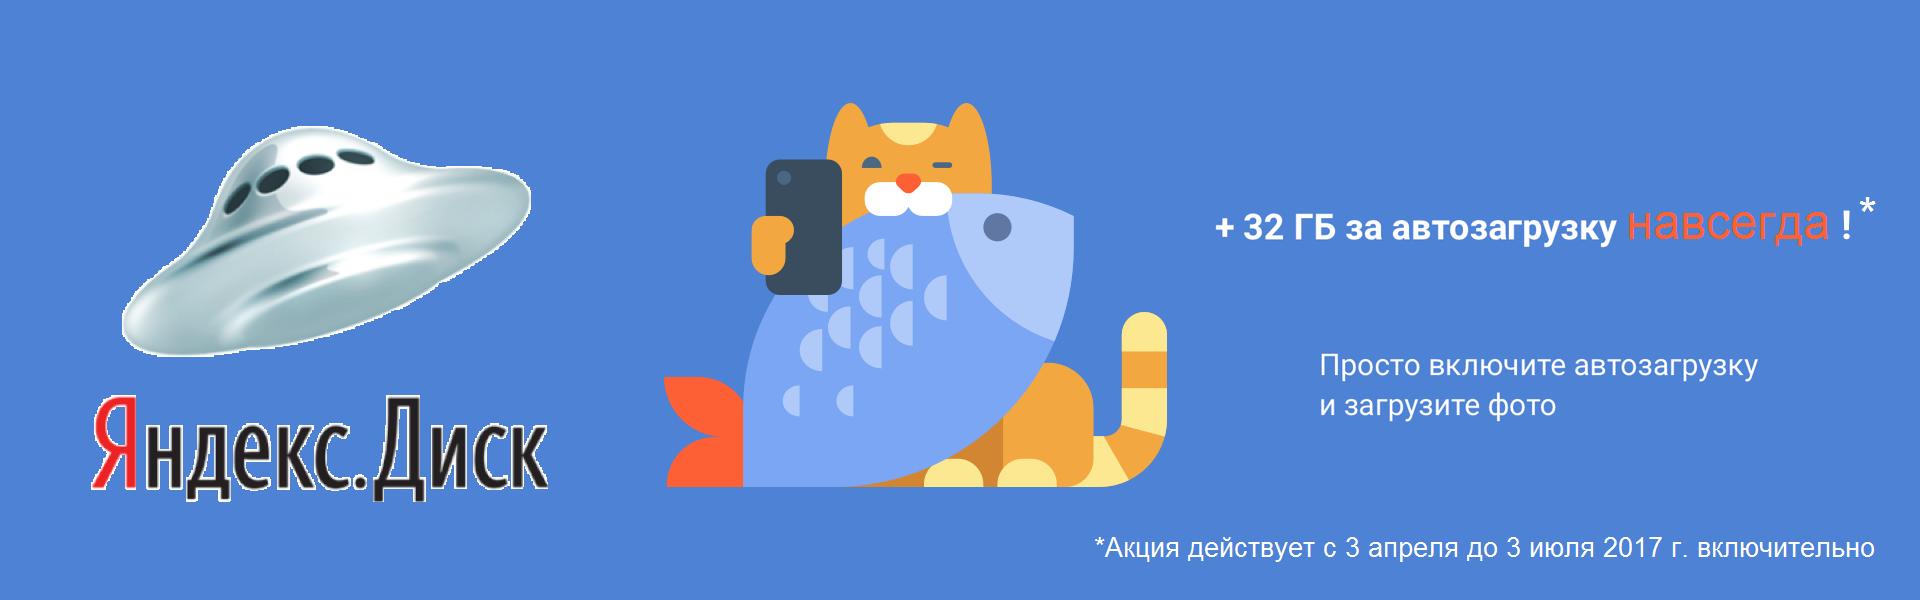 Увеличиваем объём Яндекс.Диска на 32 Гб навсегда за автозагрузку фото с телефона - 1